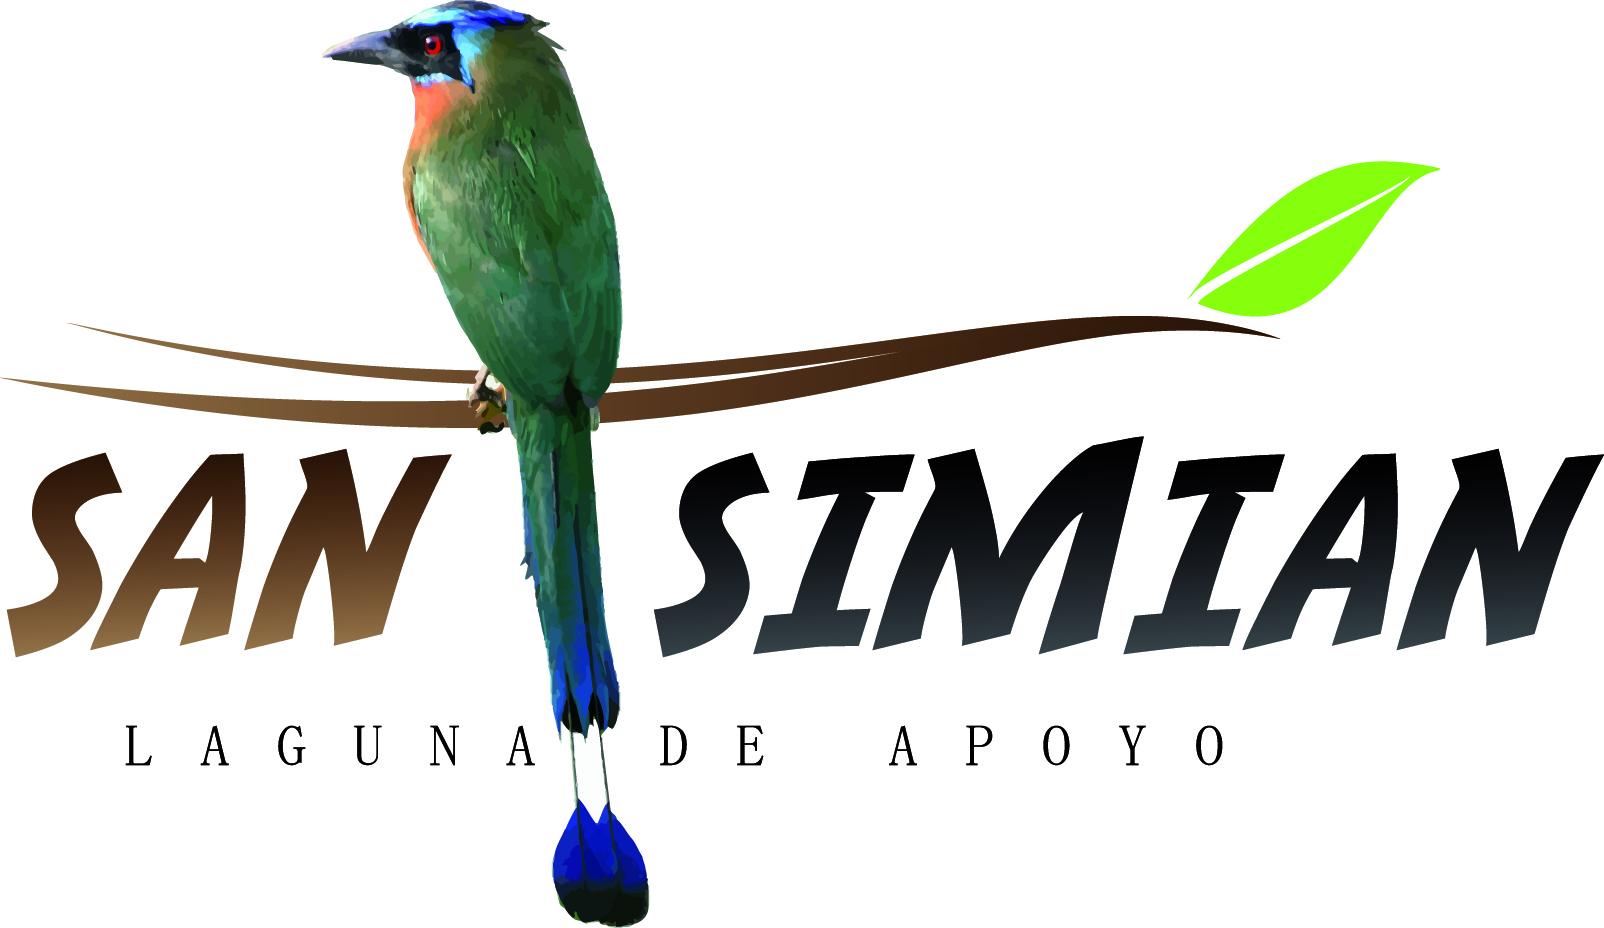 san-simian_logo_master